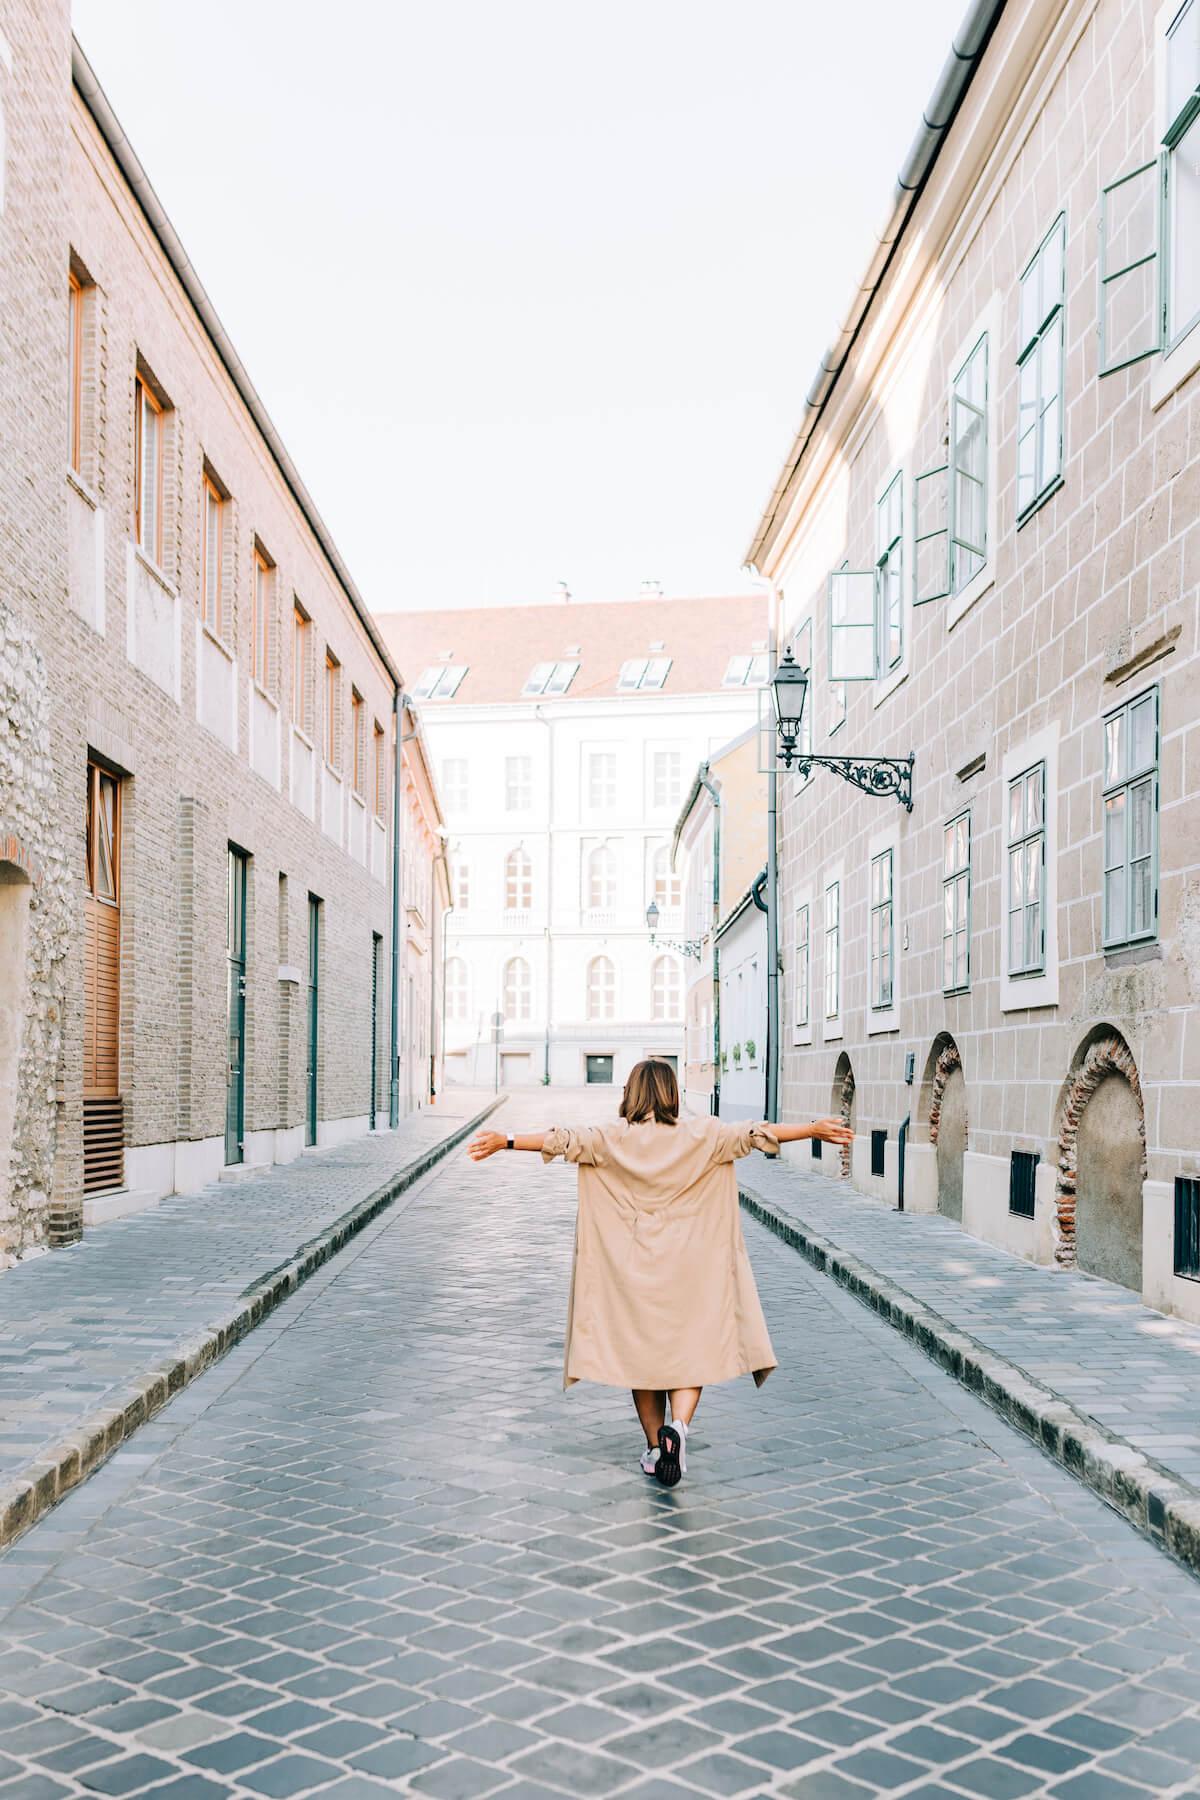 Solo female traveller international women's day Budapest Hungary